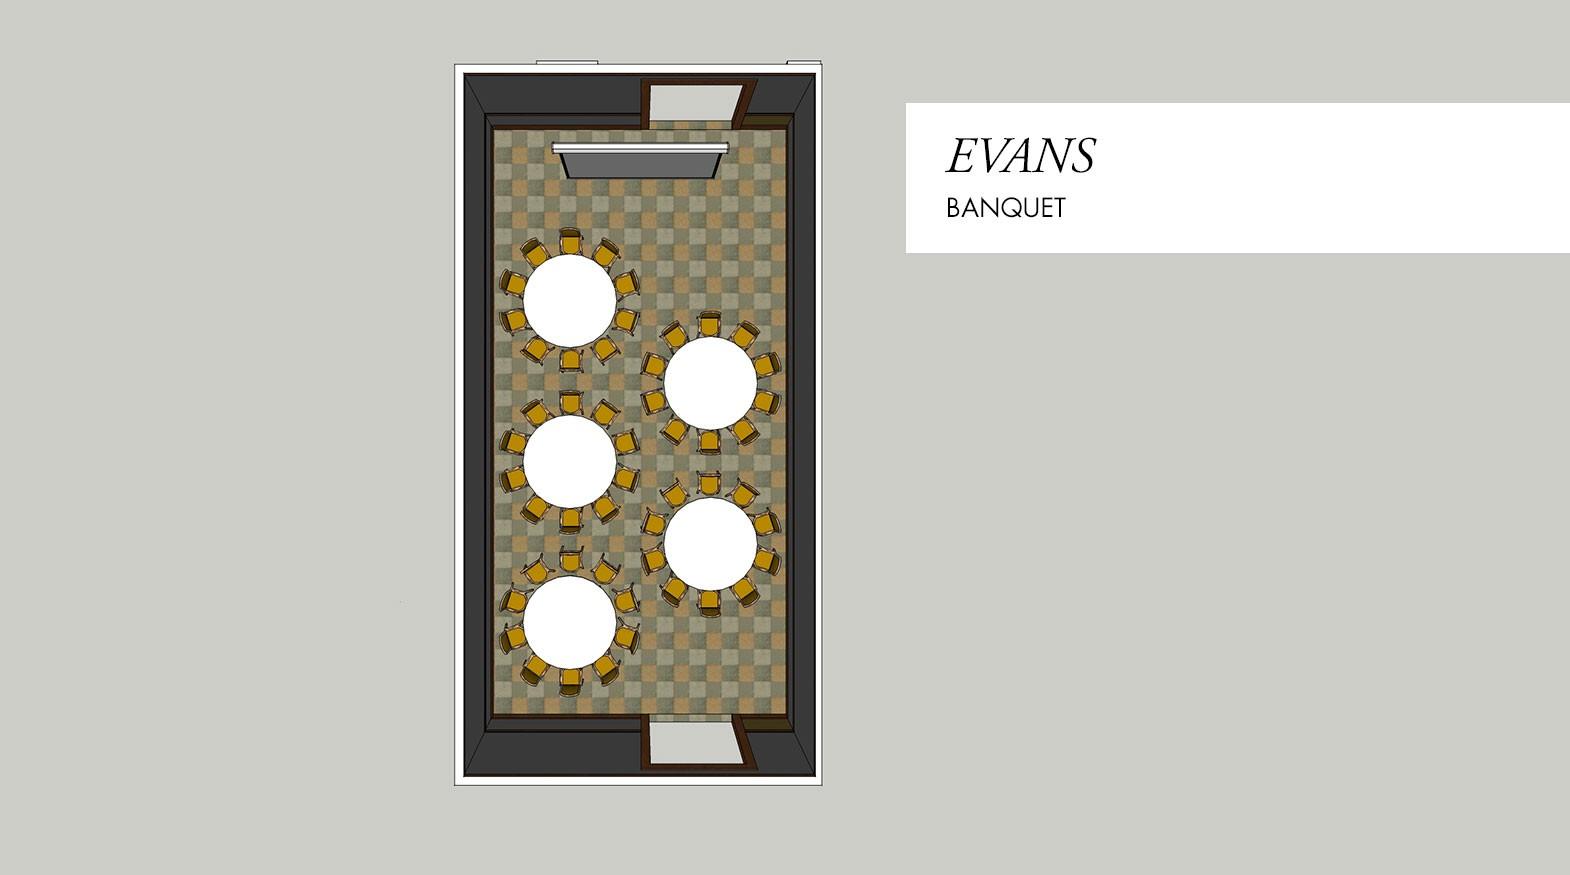 evans-banquet.jpg